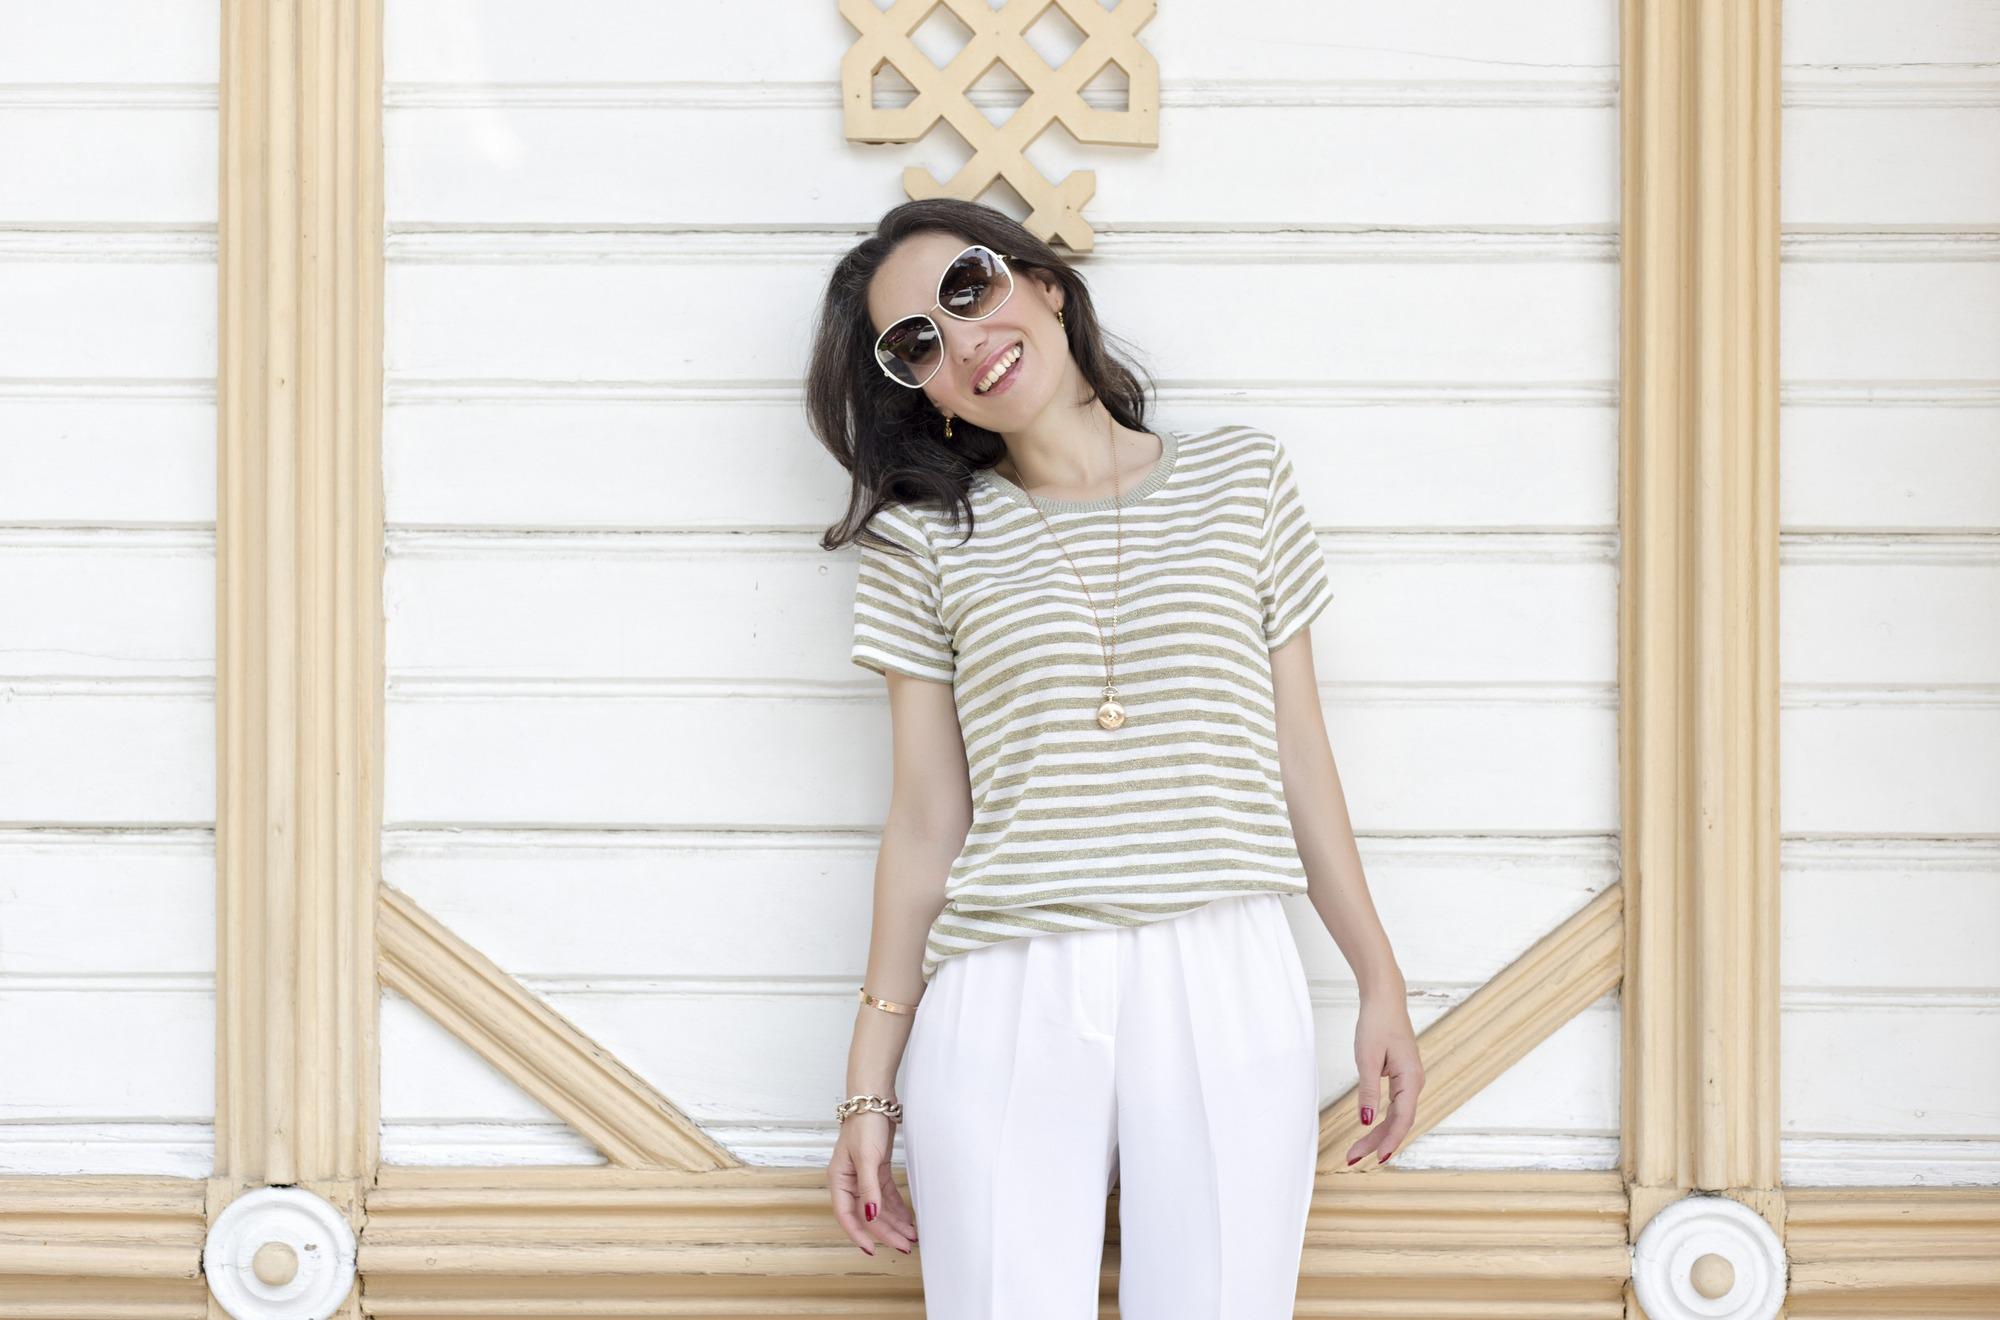 styleboom for morhipo, altın rengi ayakkabı, 2014 beyaz ayakkabı trendi, beyaz ayakkabı nasıl giyilir, gold summer, metalik trendi, manu atelier, taba rengi çanta modelleri, çizgili kombinler, beyaz pantolon nasıl giyilir, beyaz güneş gözlüğü, 2014 güneş gözlüğü modası, bilektan bağlı ayakkabı, altın beyaz kombini